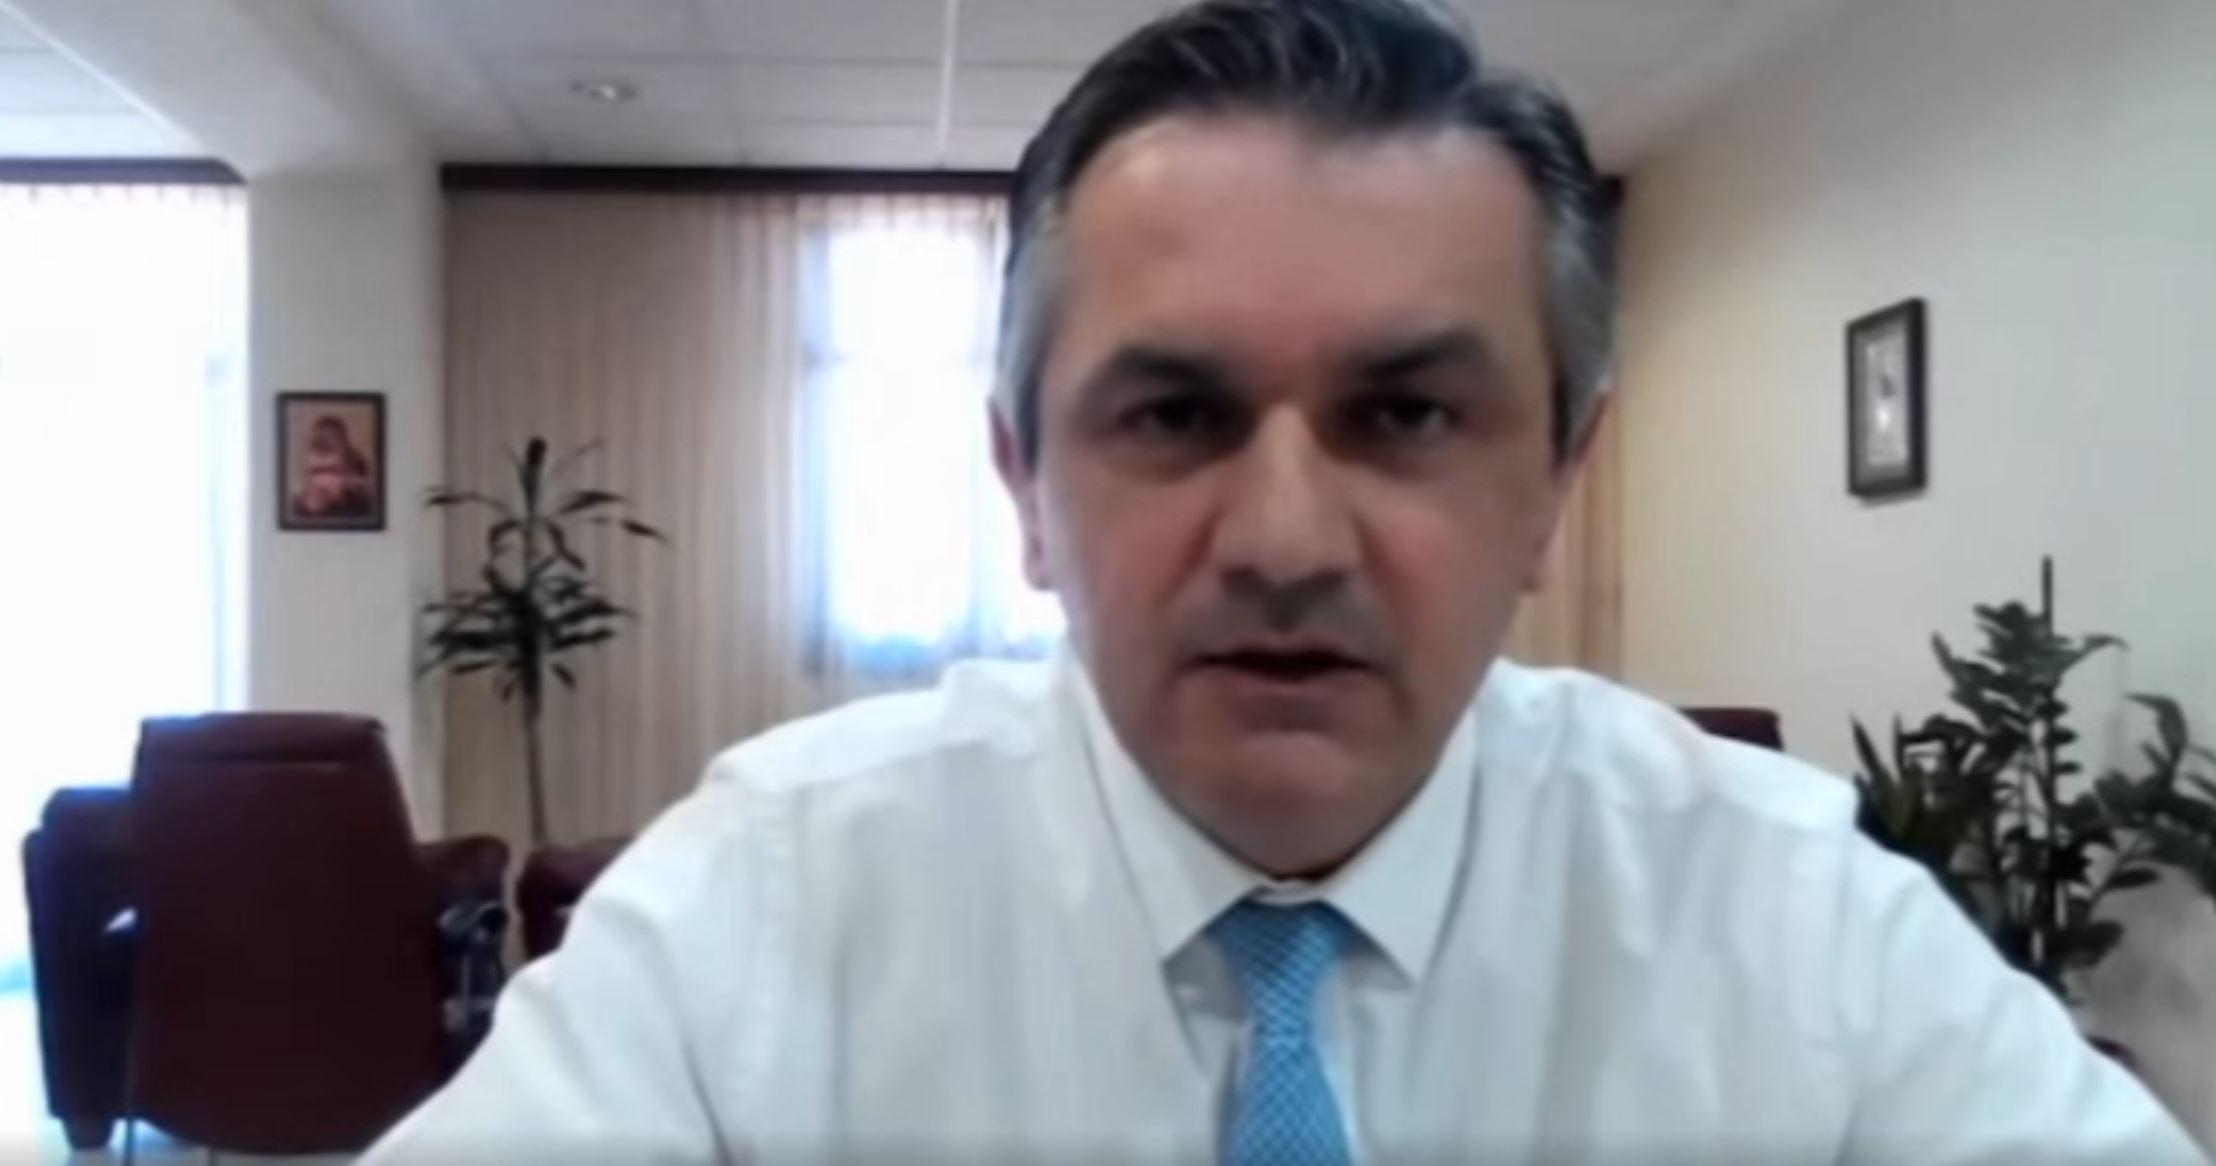 Μνημόνιο συνεργασίας μεταξύ της Περιφέρειας Δυτικής Μακεδονίας και του Εθνικού και Καποδιστριακού Πανεπιστημίου Αθηνών (ΕΚΠΑ)